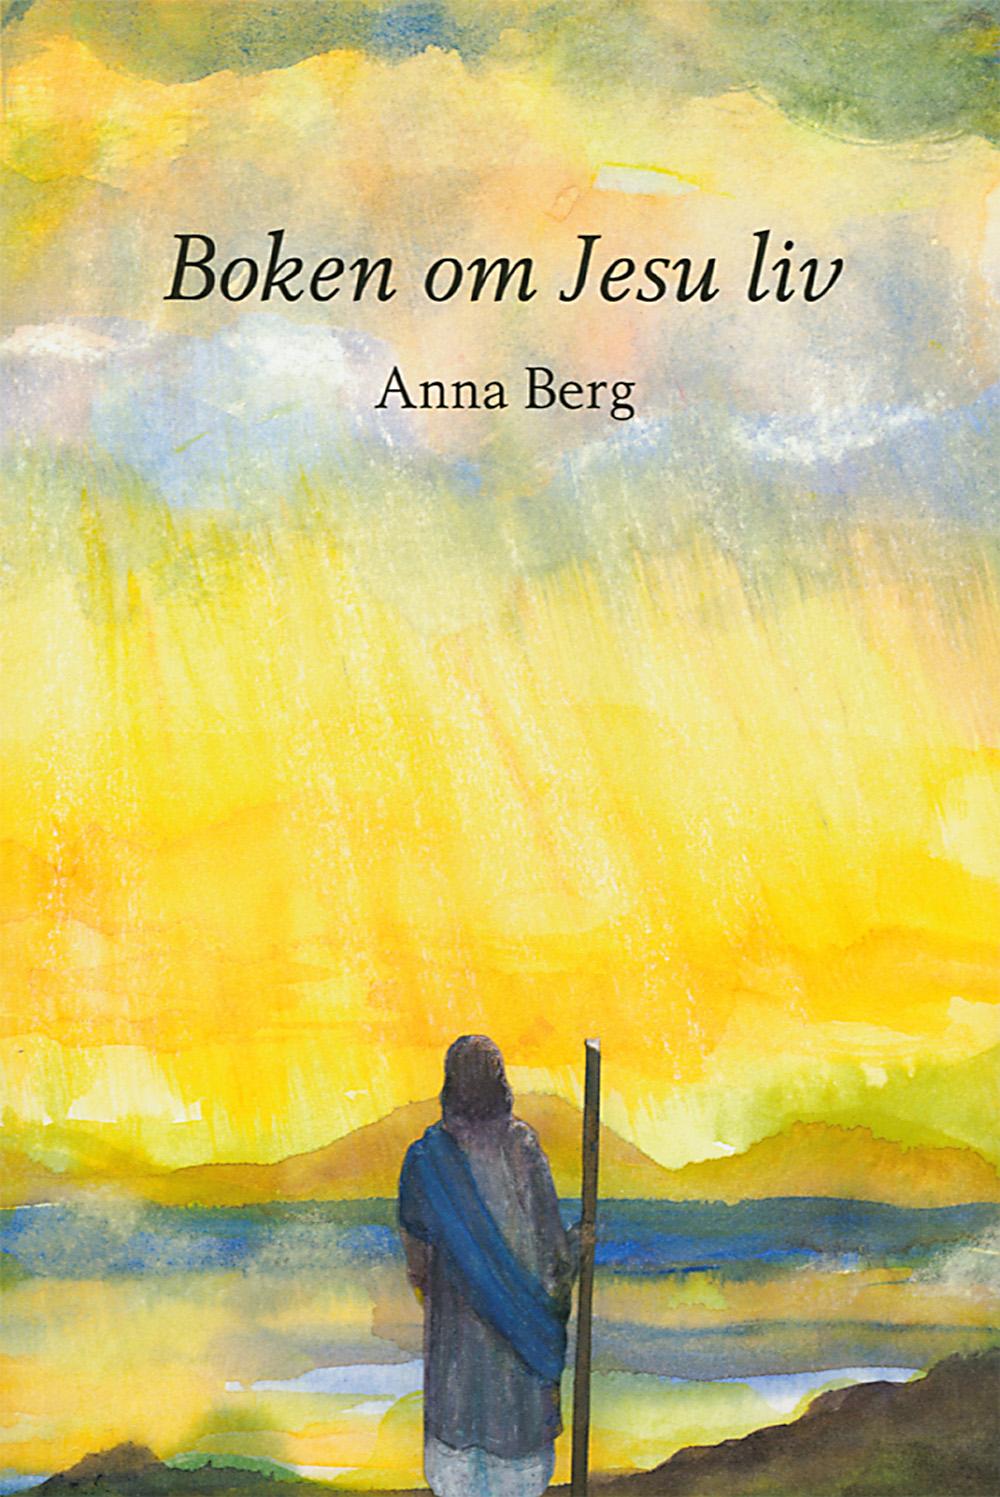 Boken om Jesu liv av Anna Berg